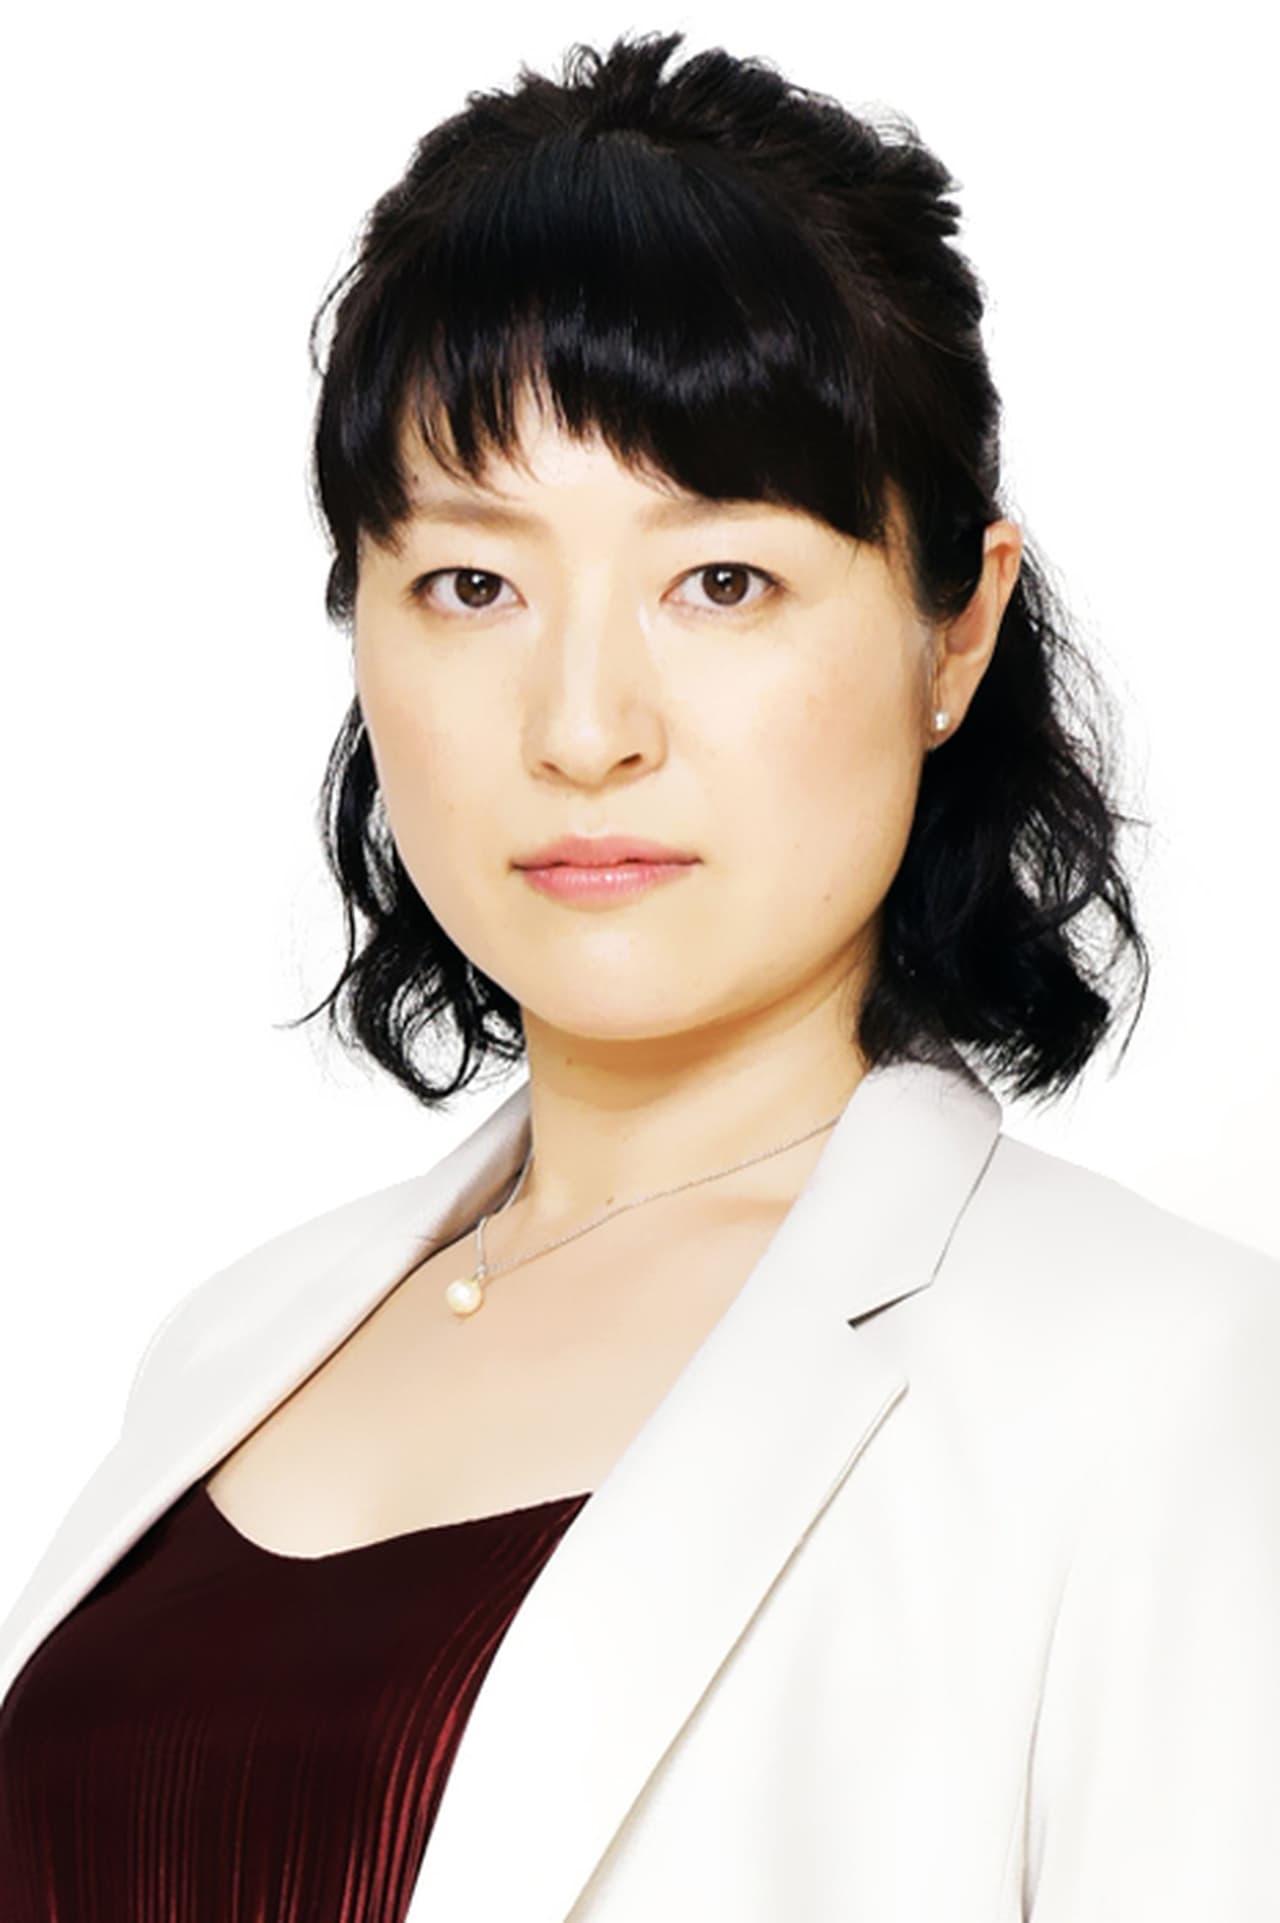 Harumi Shuhama isNao